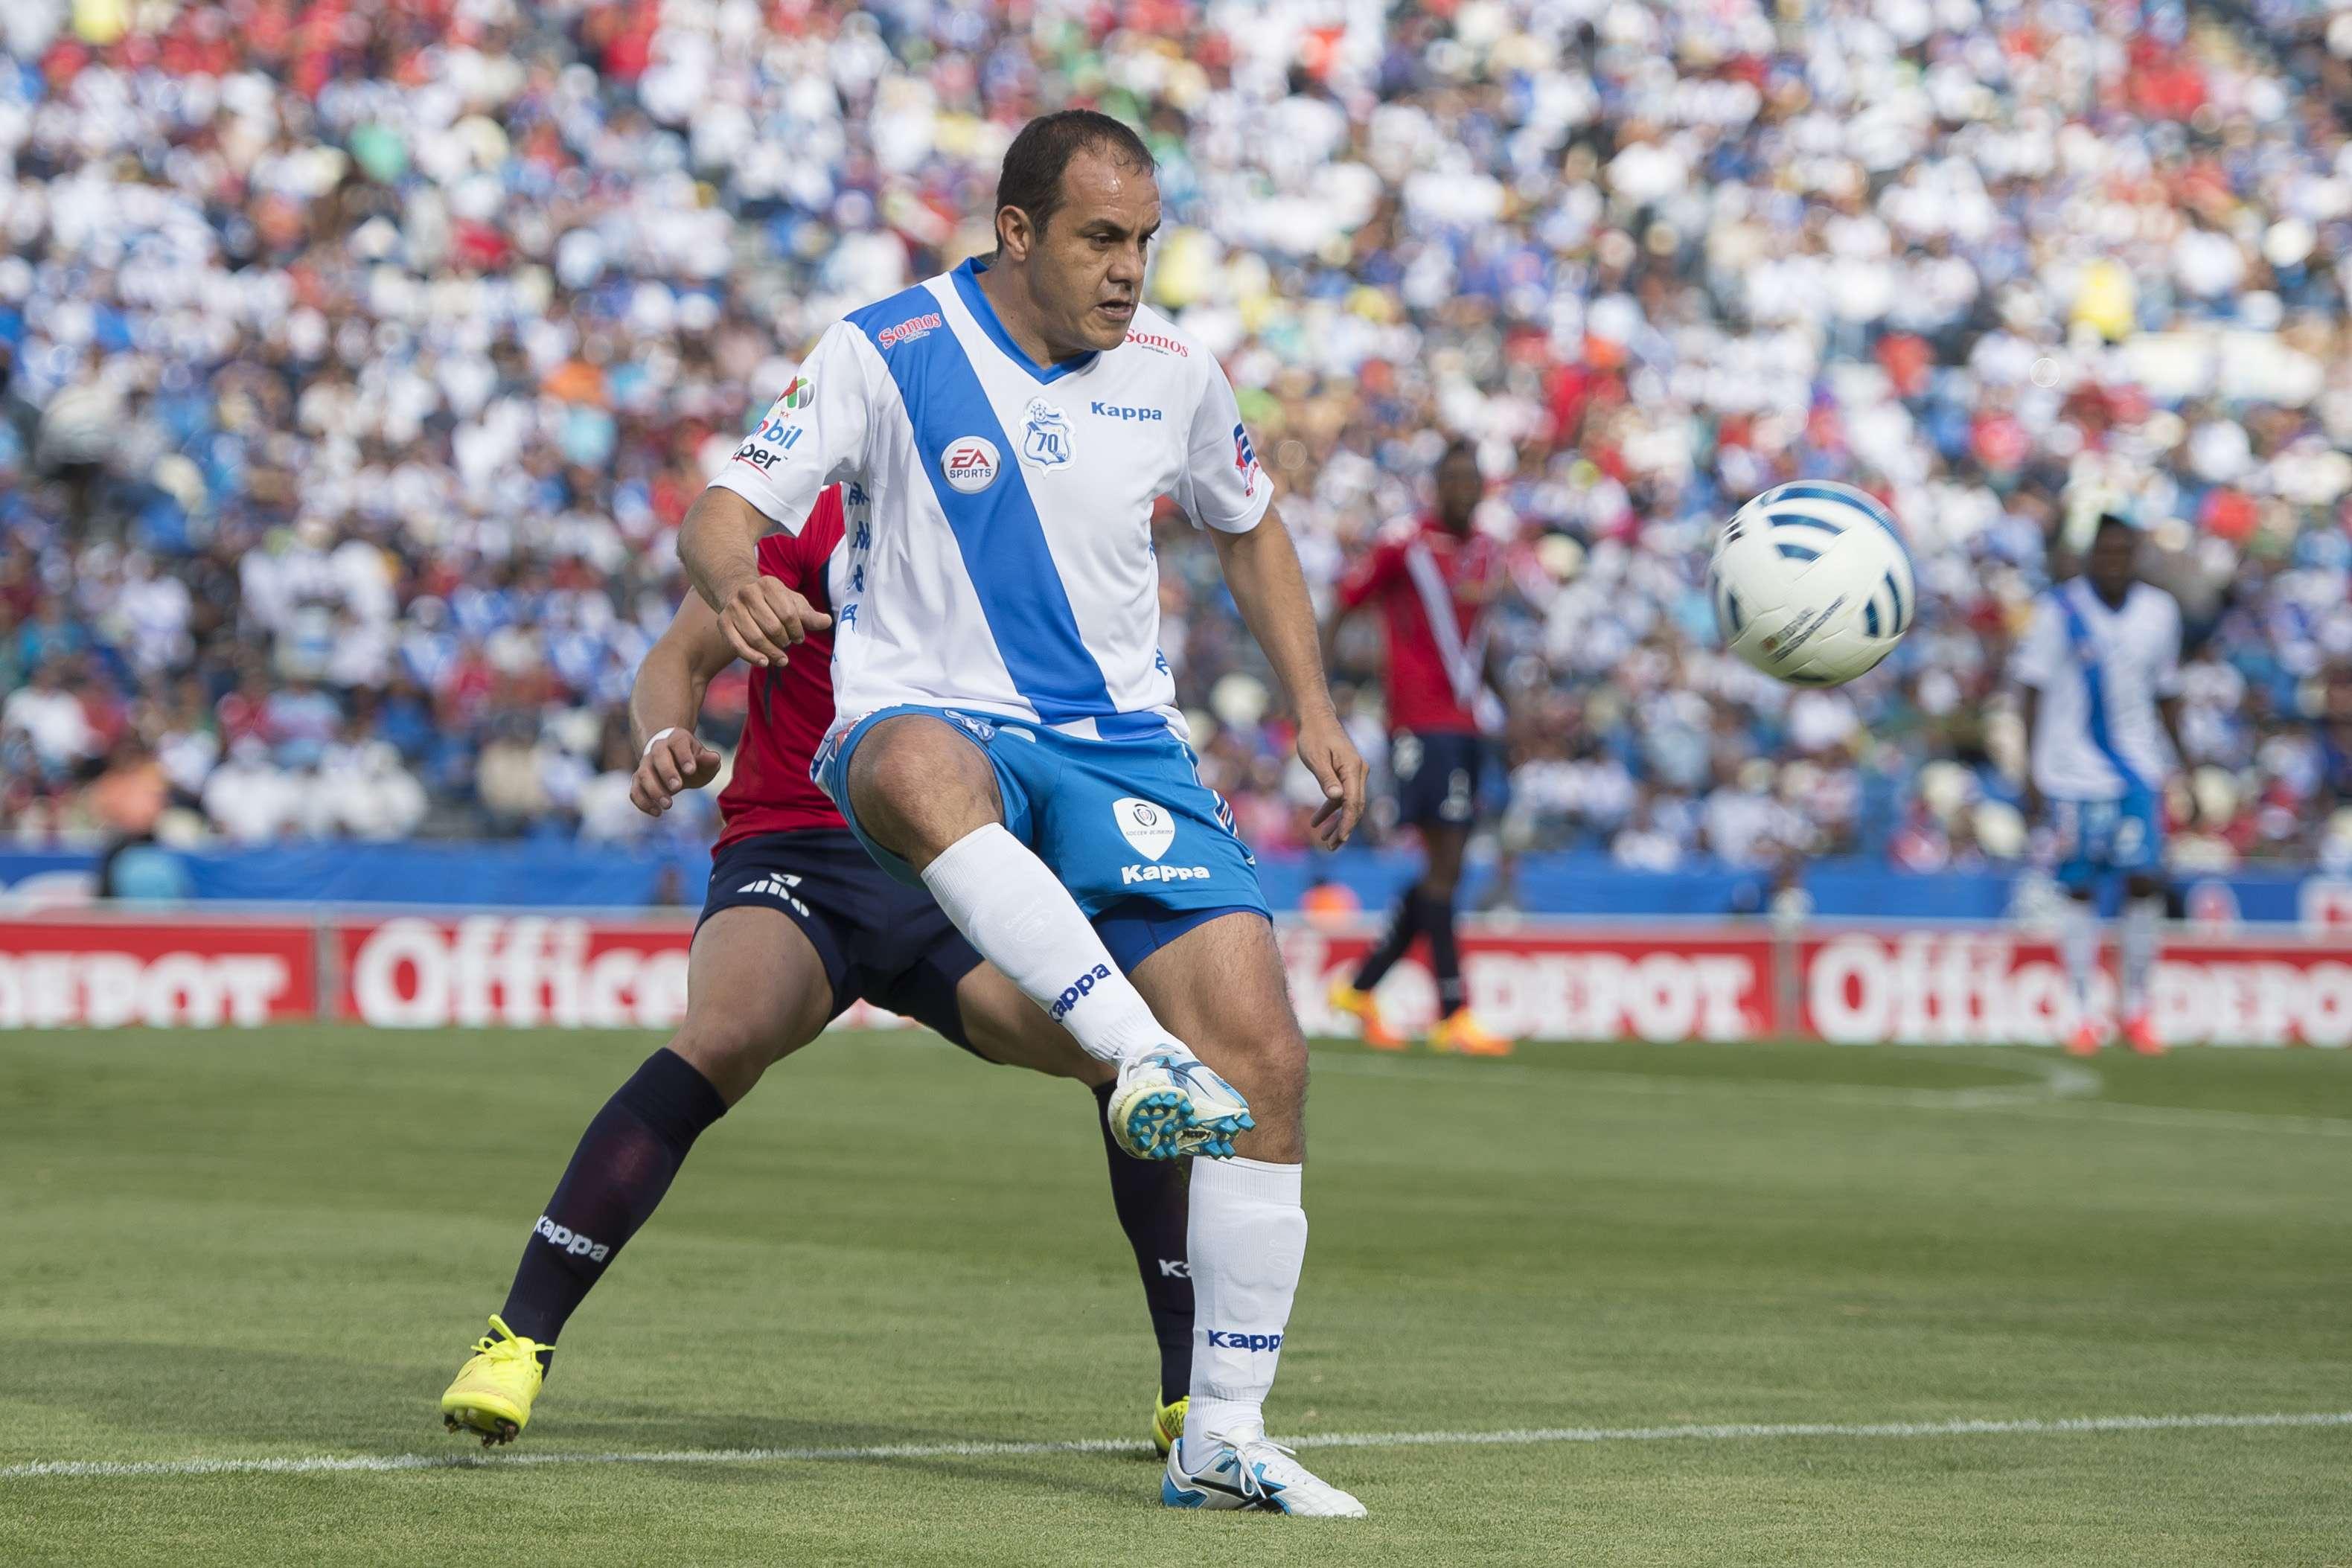 Omar Martínez/Mexsport